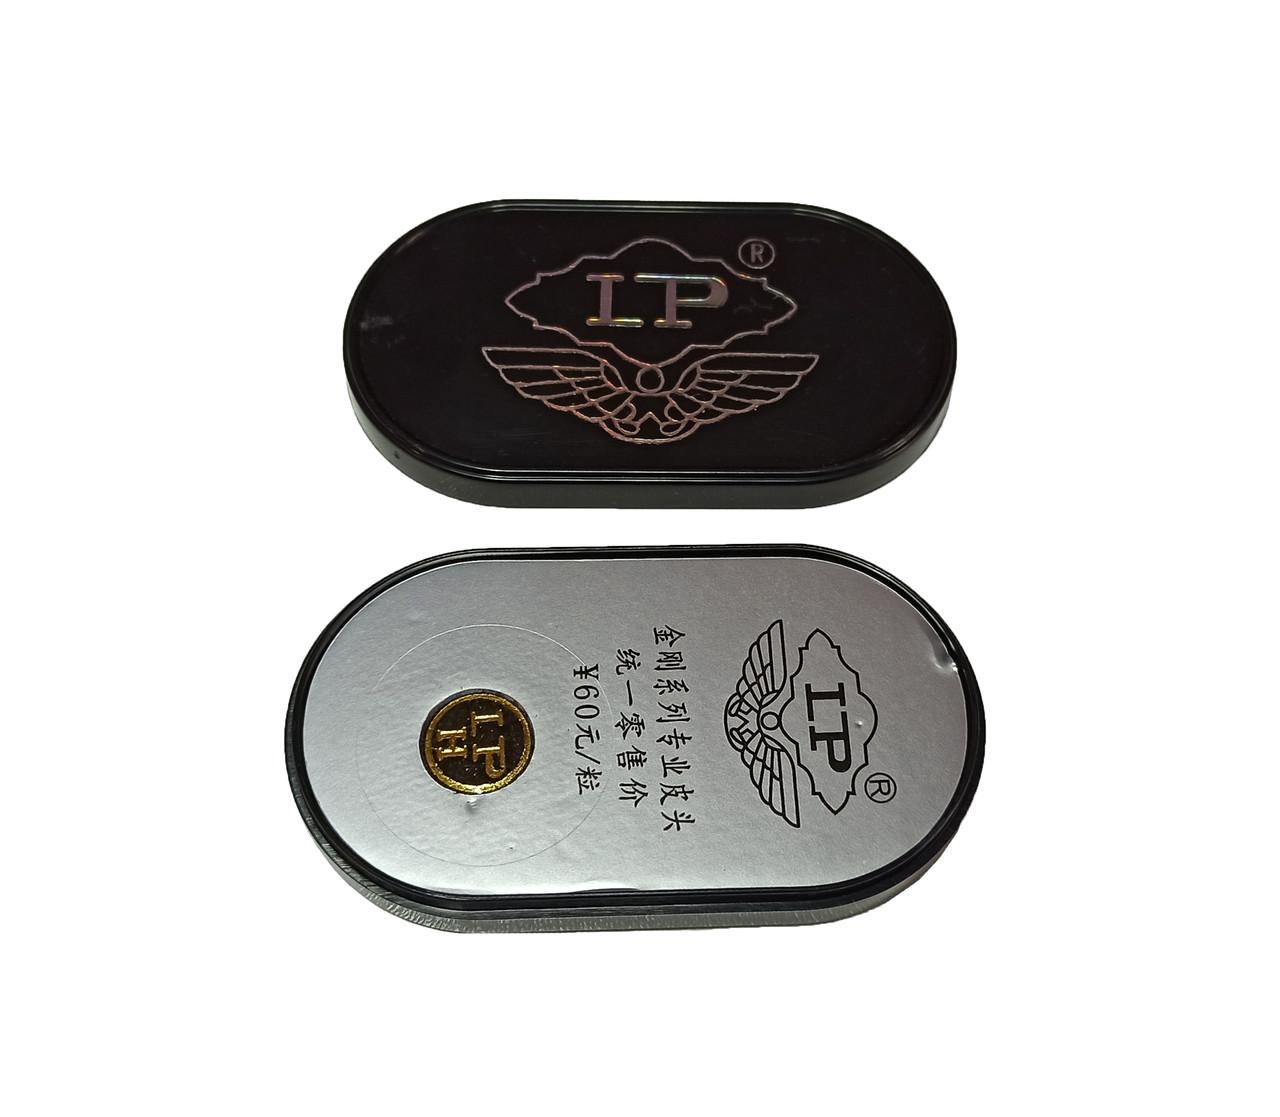 Наклейка многослойная LP silver 10мм, 1шт